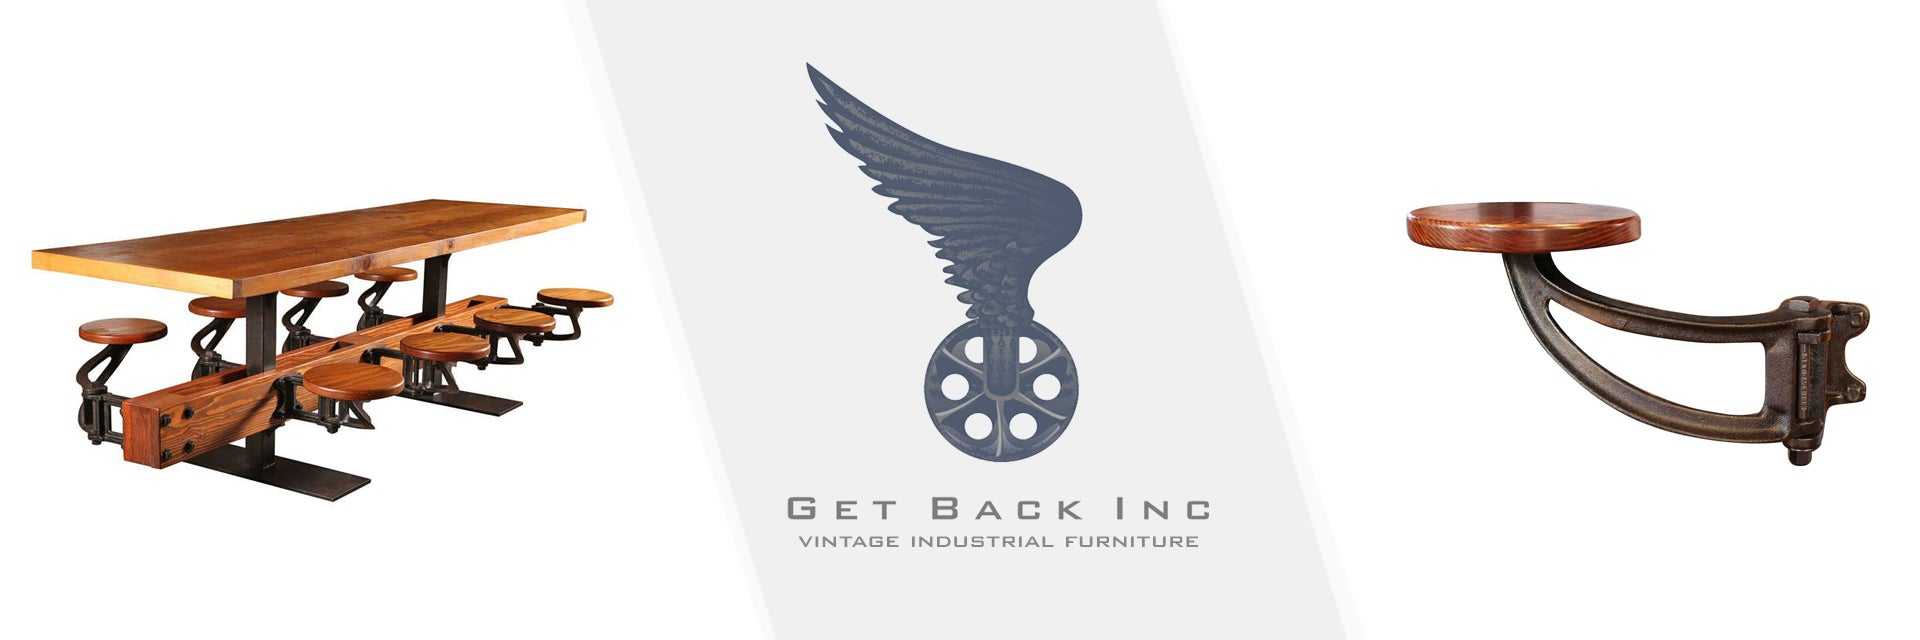 . Get Back Inc Furniture   Oakville  CT 06779   1stdibs